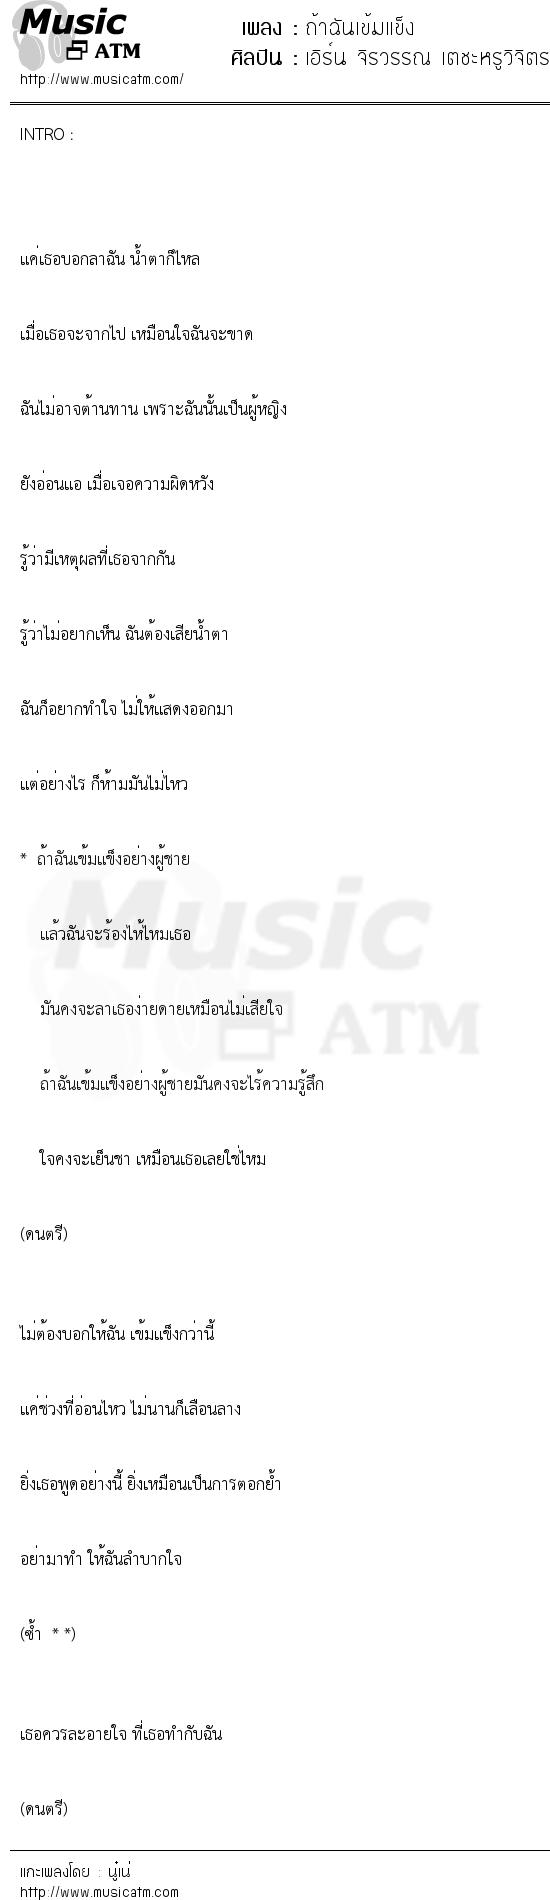 ถ้าฉันเข้มแข็ง | เพลงไทย